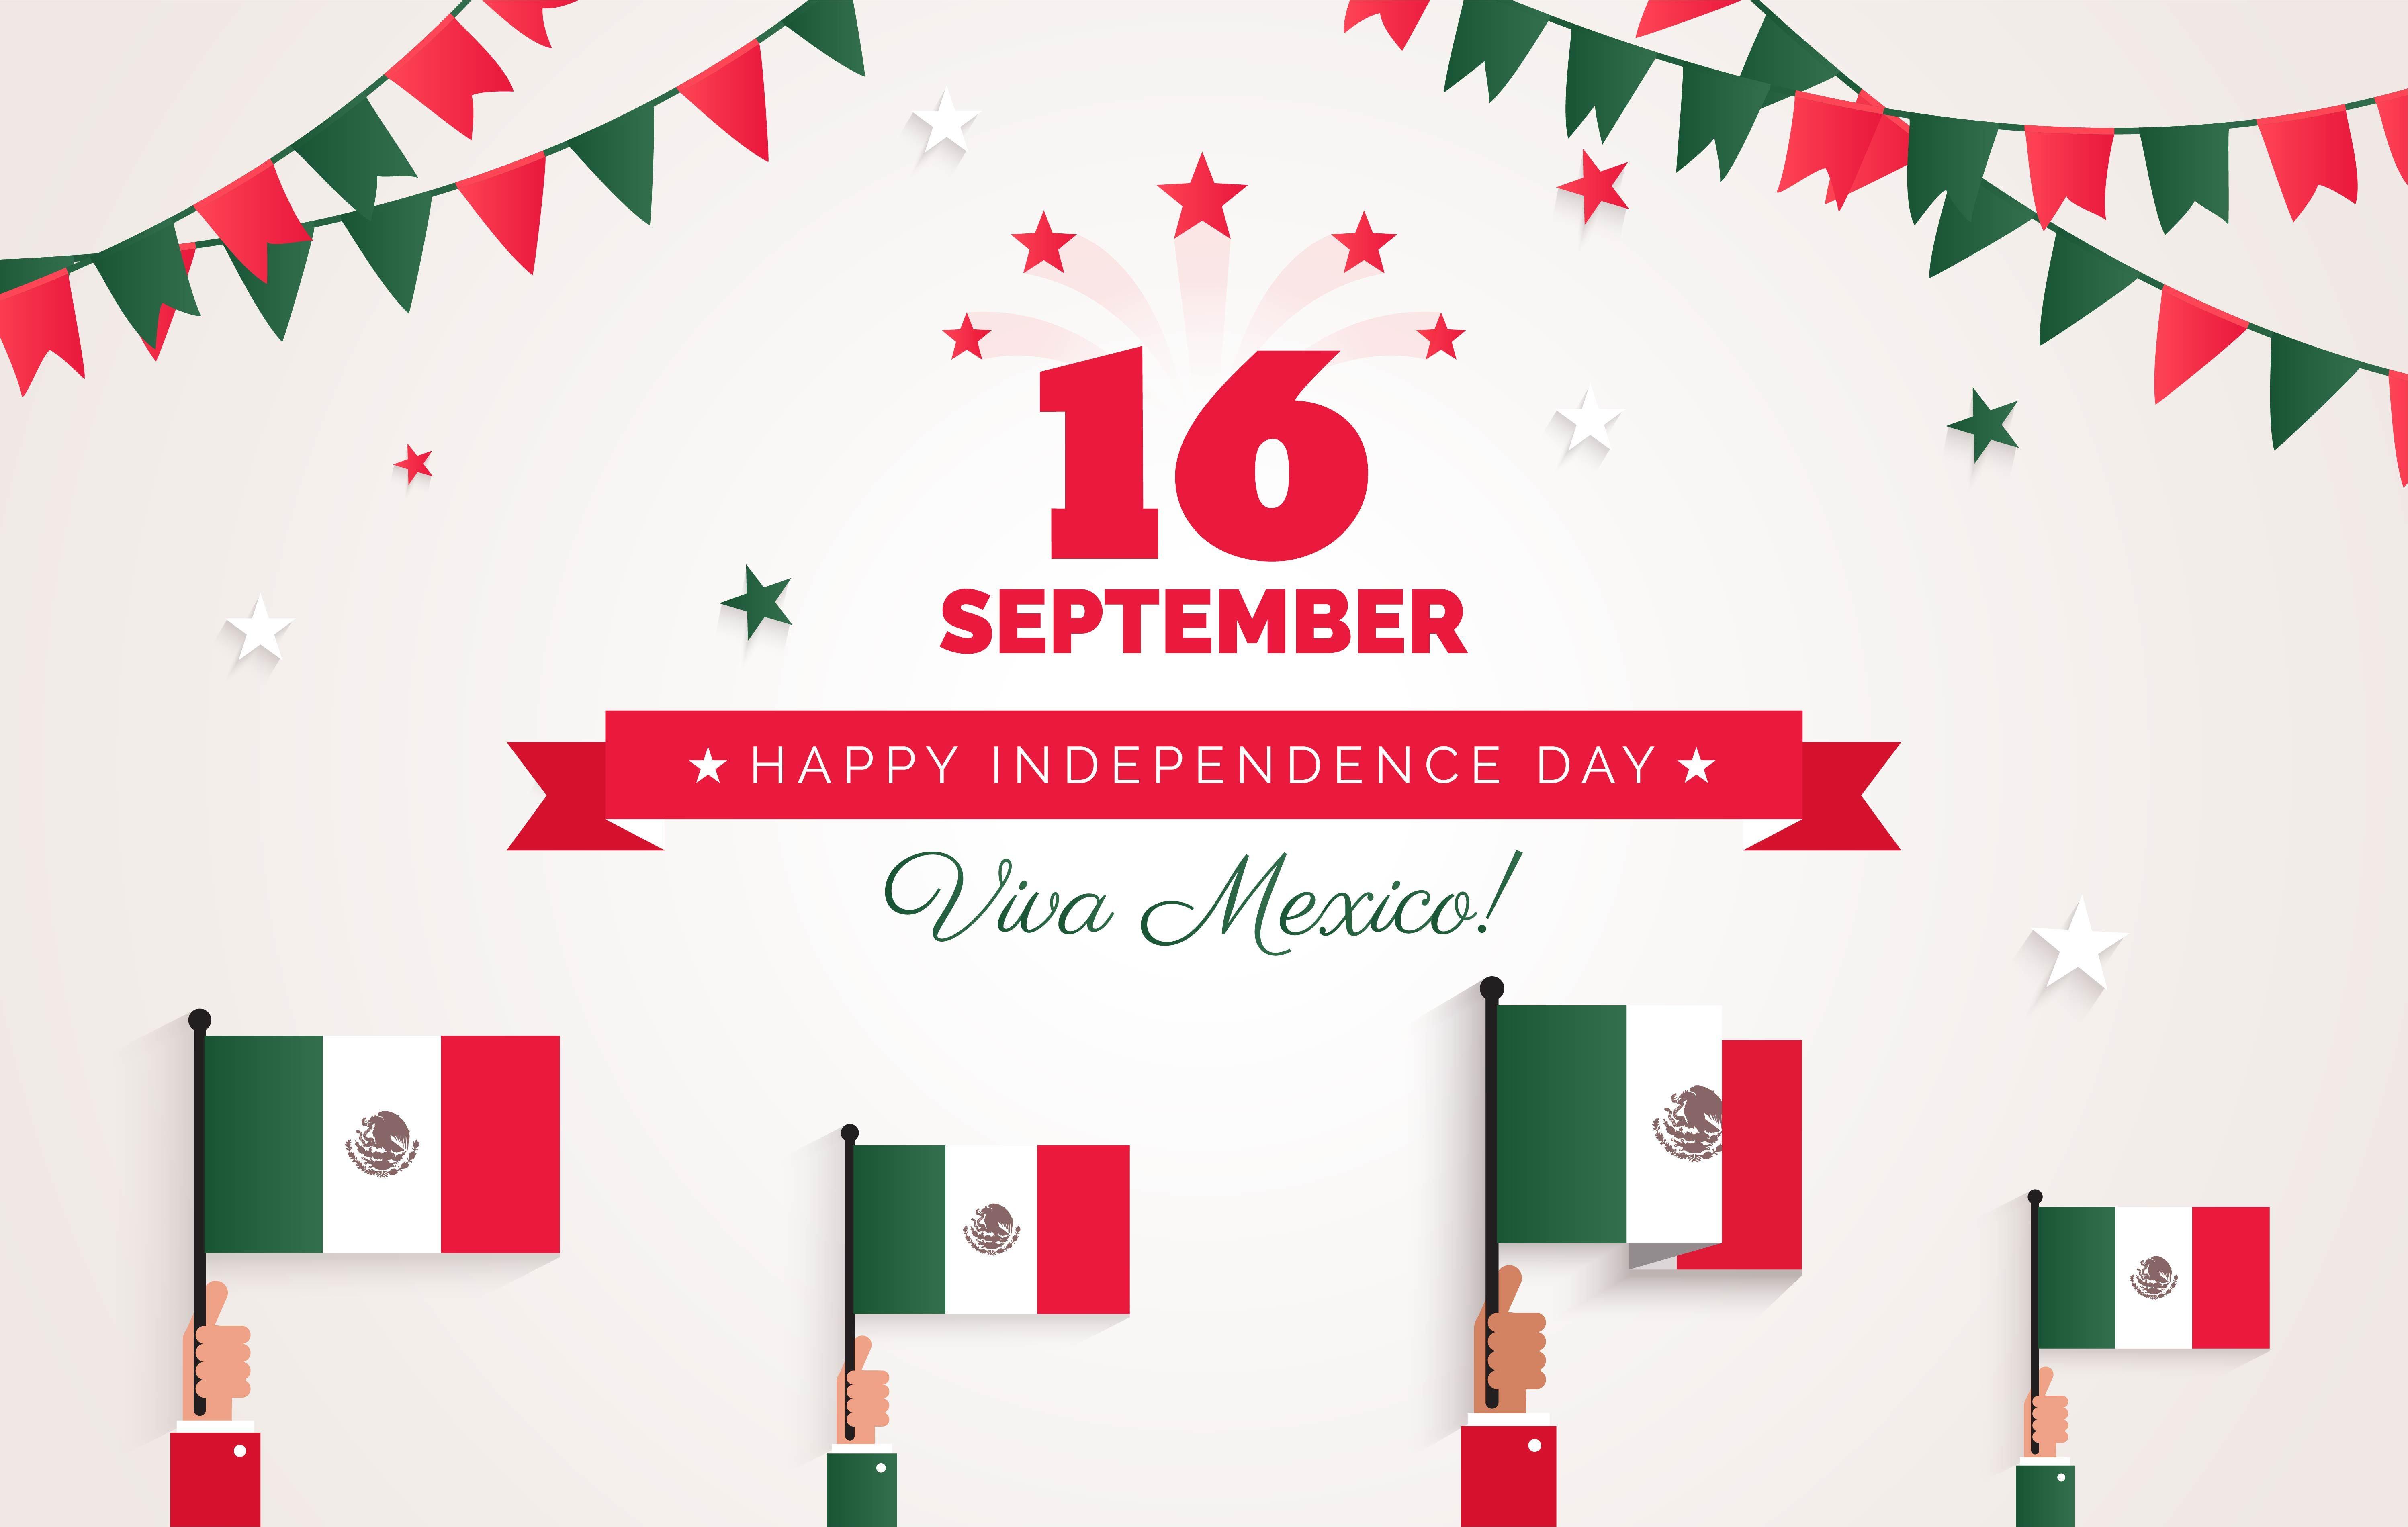 Tarjeta de felicitación de día de la independencia de México. | Fuente: Shutterstock